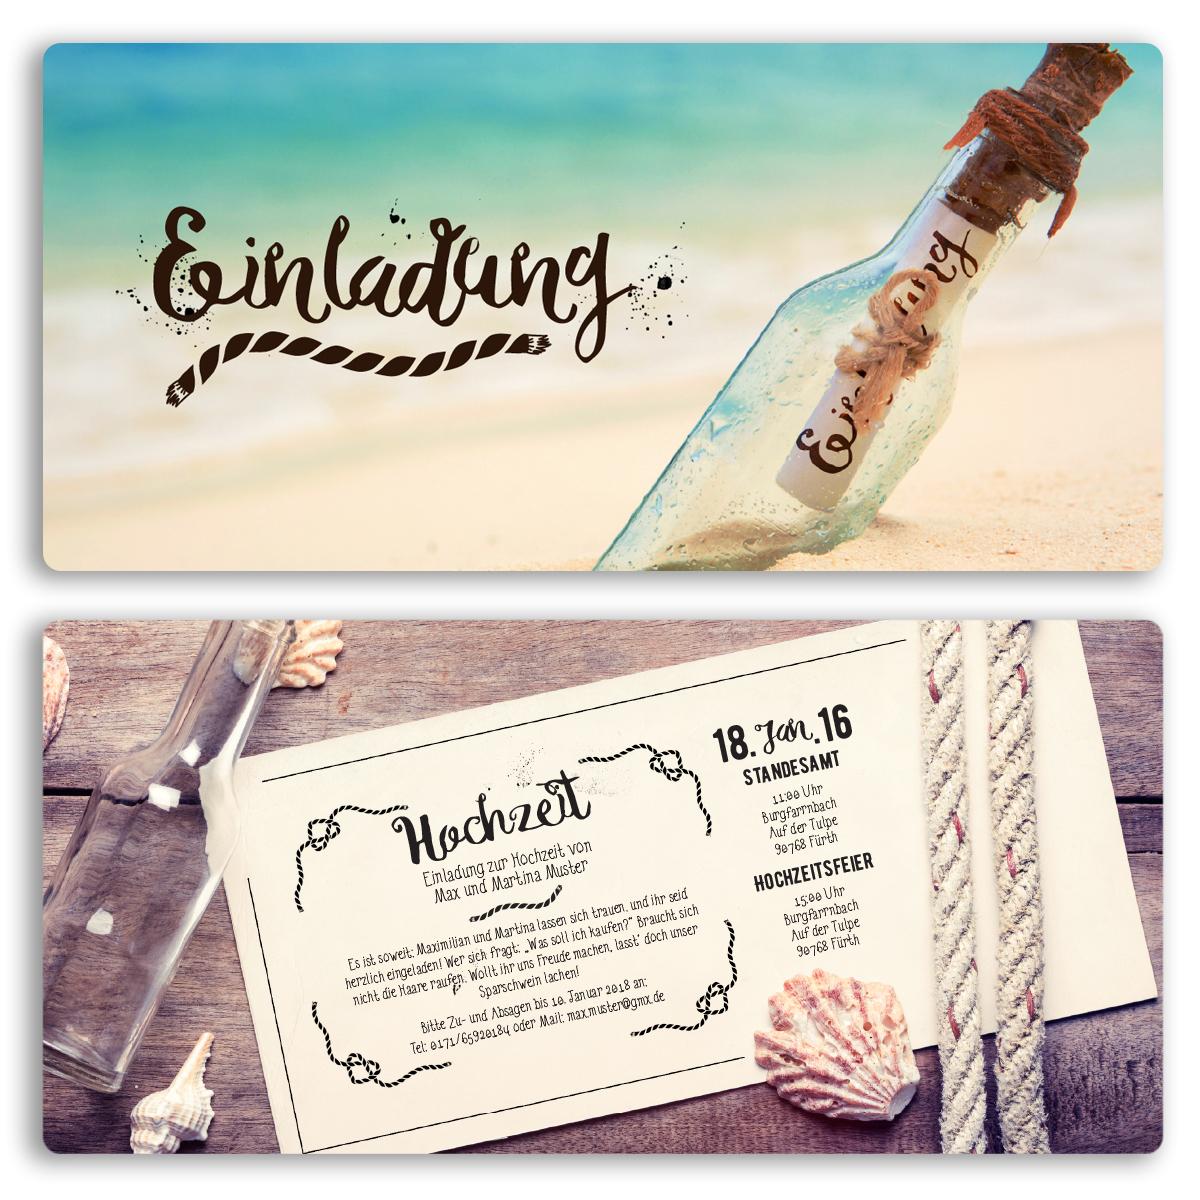 Einladungen Zur Hochzeit Flaschenpost Flasche Brief Post Karte Einladung  Feier